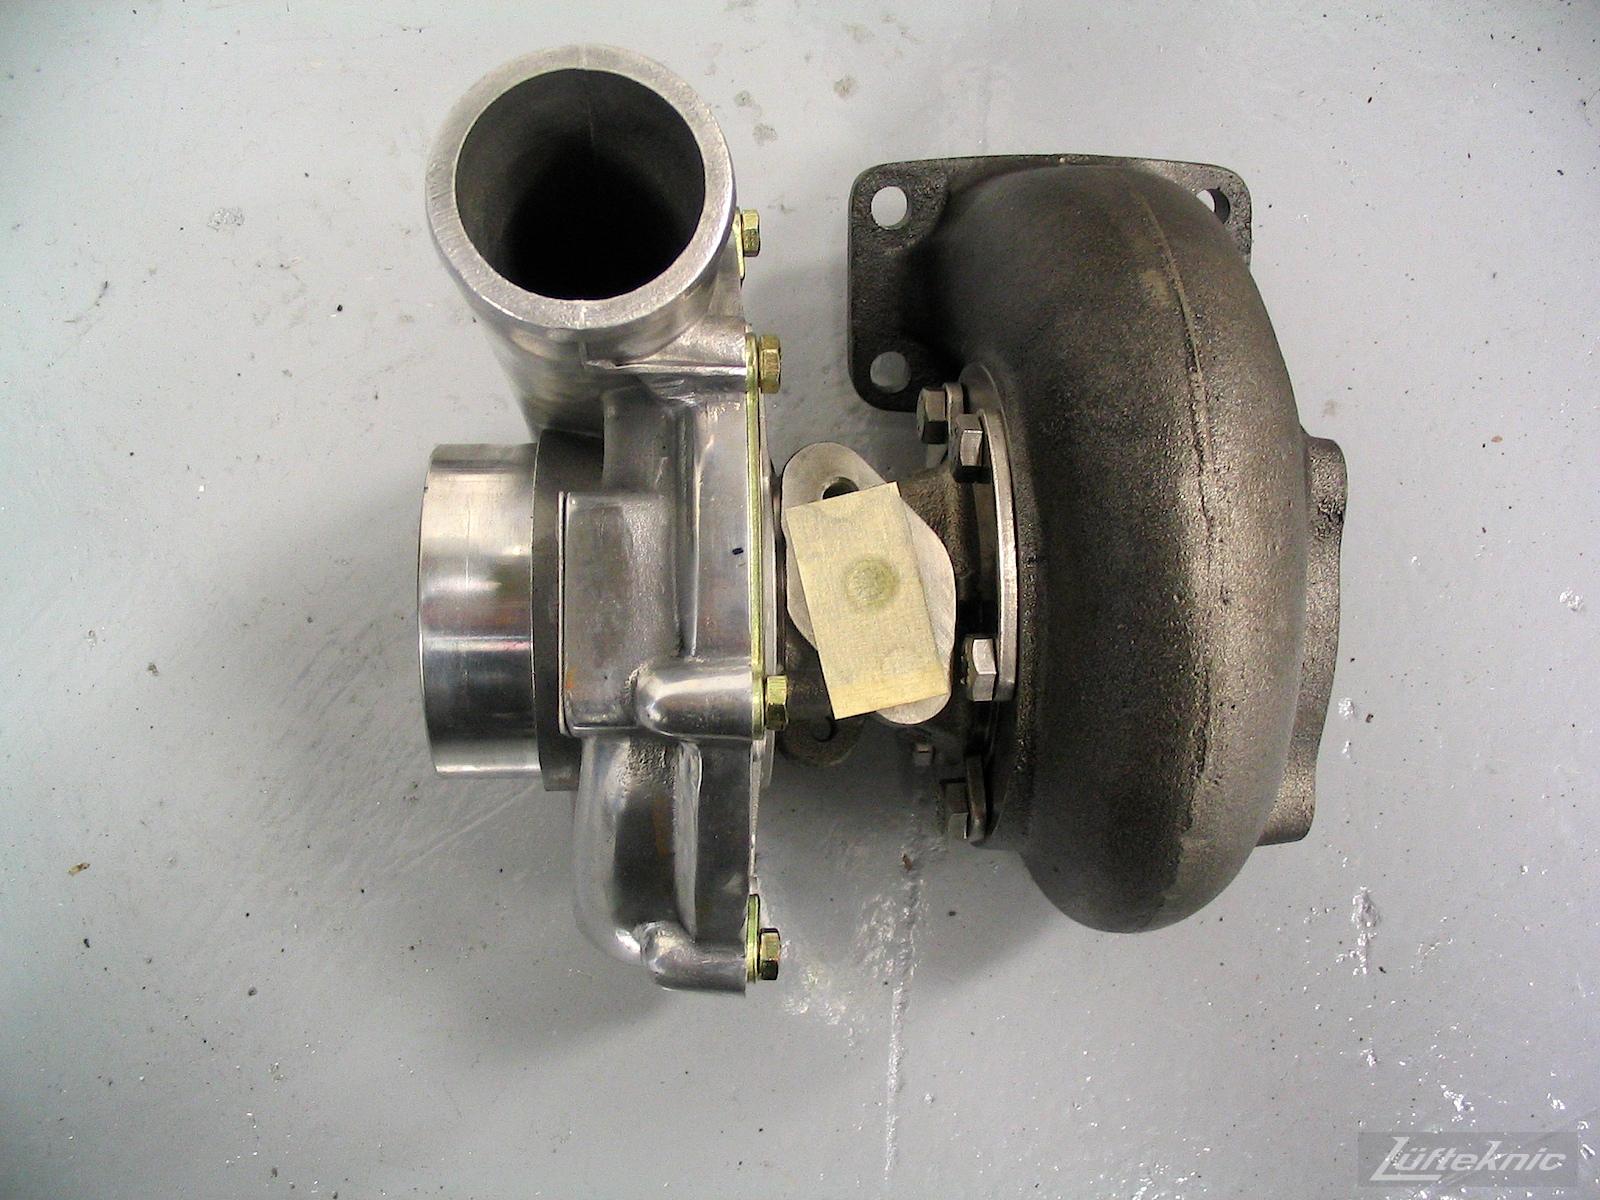 K27 Hyflow turbocharger